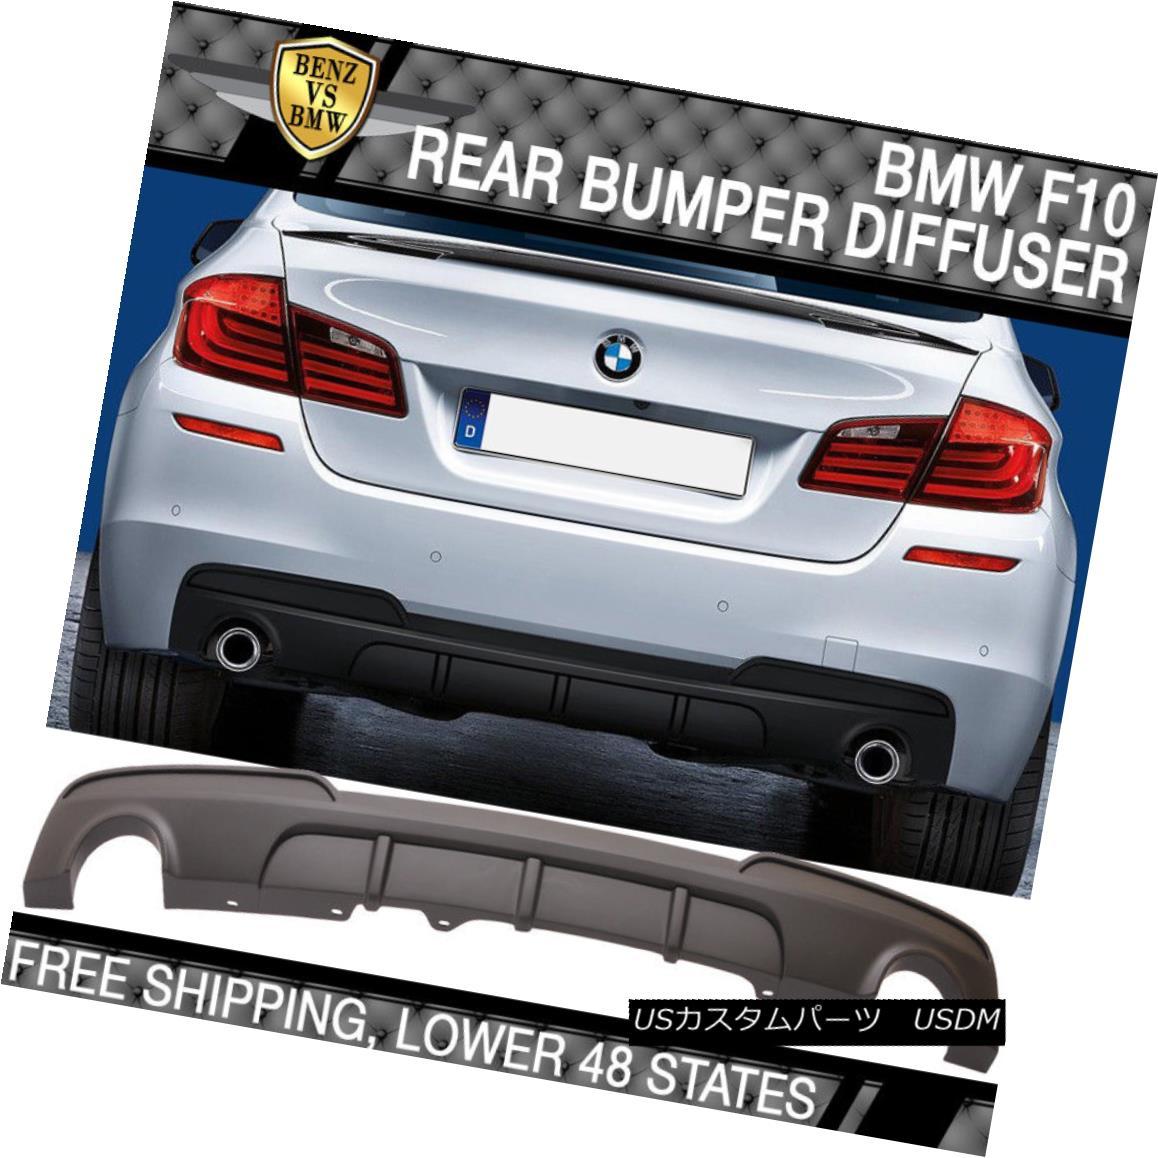 エアロパーツ Fits 11-16 BMW F10 535I MP Style PP Rear Diffuser Twin Outlet フィット11-16 BMW F10 535I MPスタイルPPリアディフューザーツインアウトレット